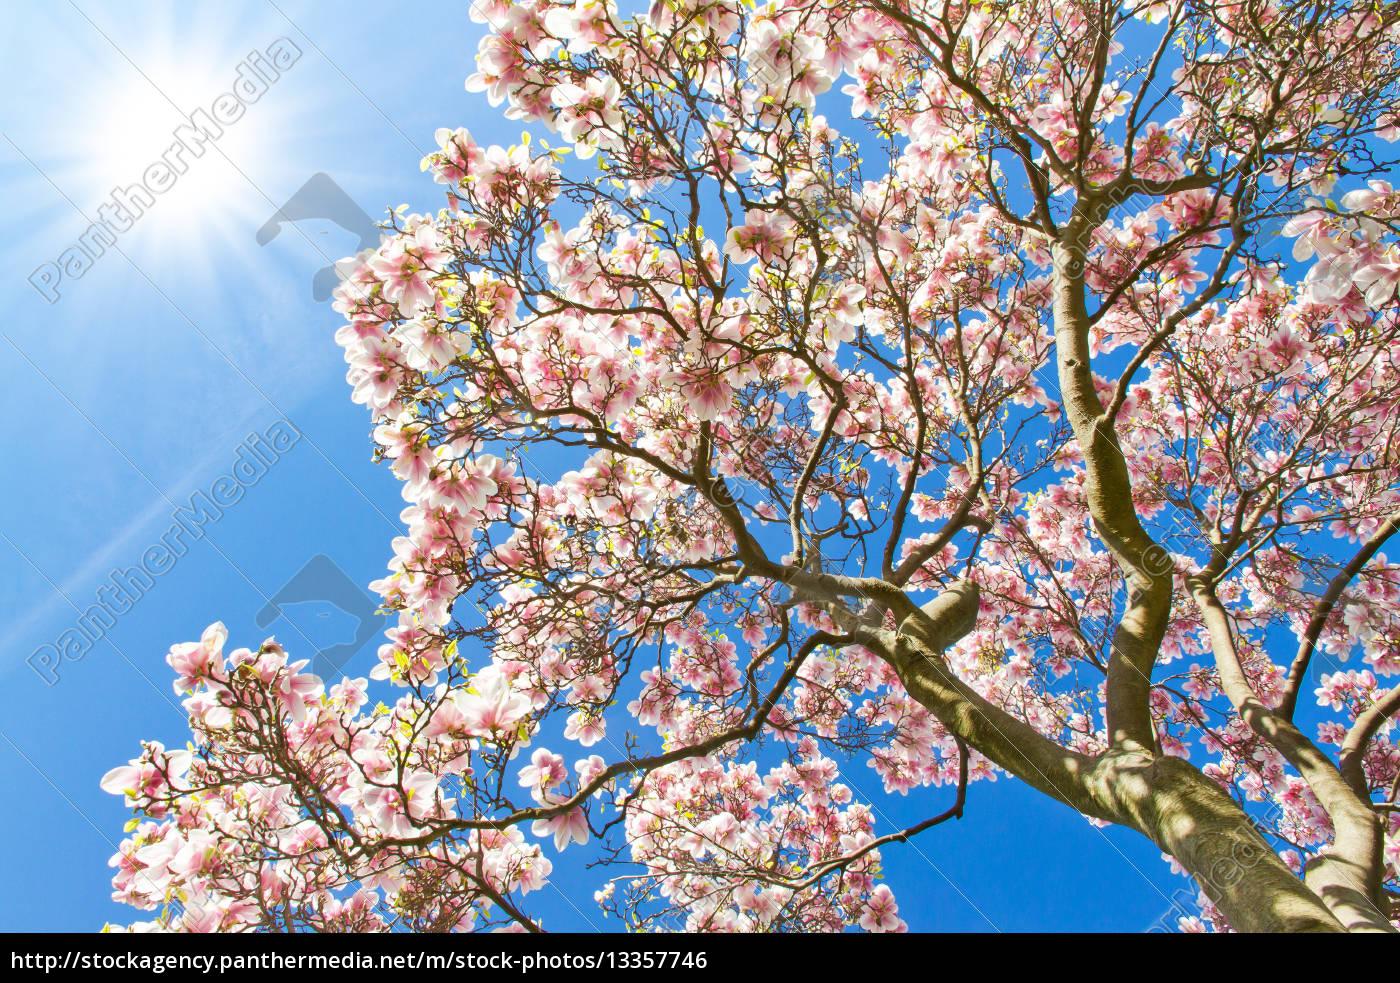 magnolienbaum im fr hling stockfoto 13357746. Black Bedroom Furniture Sets. Home Design Ideas